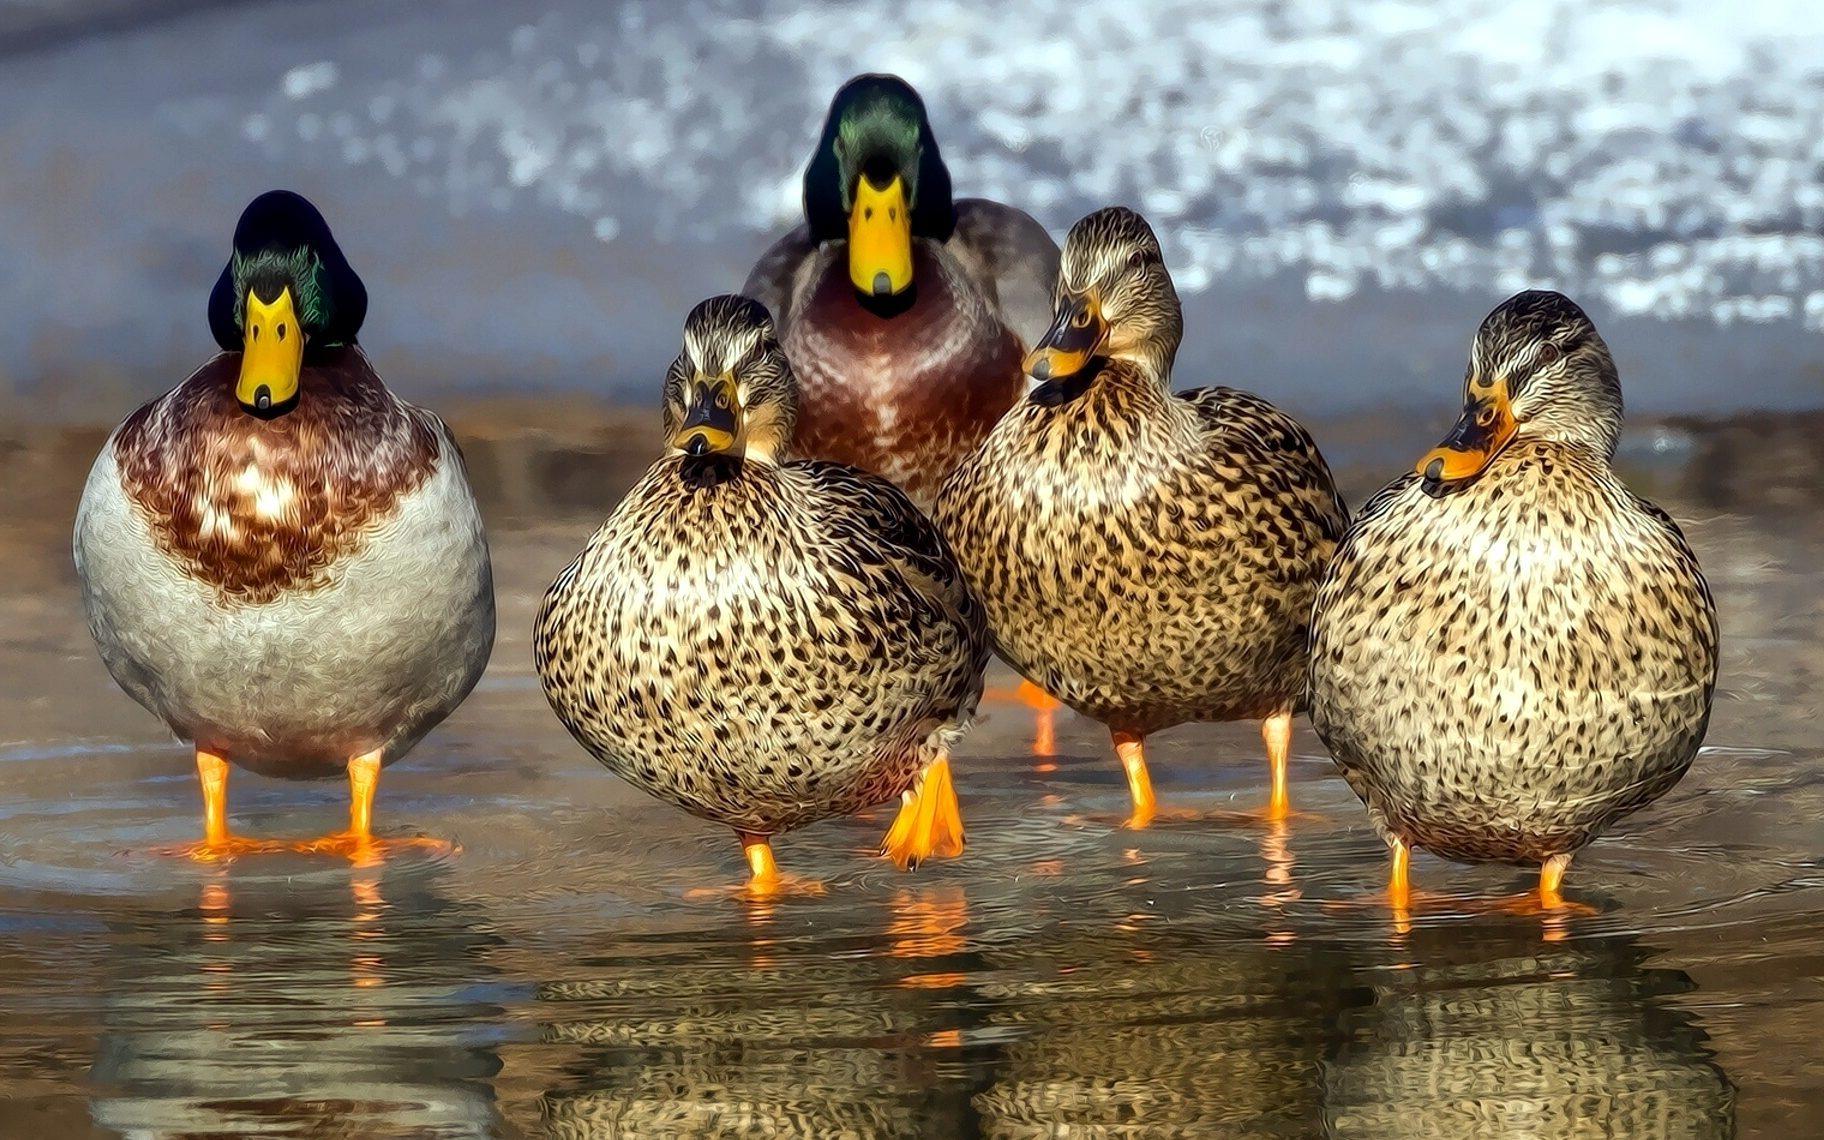 Animal Wallpaper Image Libre La Famille Des Oiseaux Des Canards Sauvages